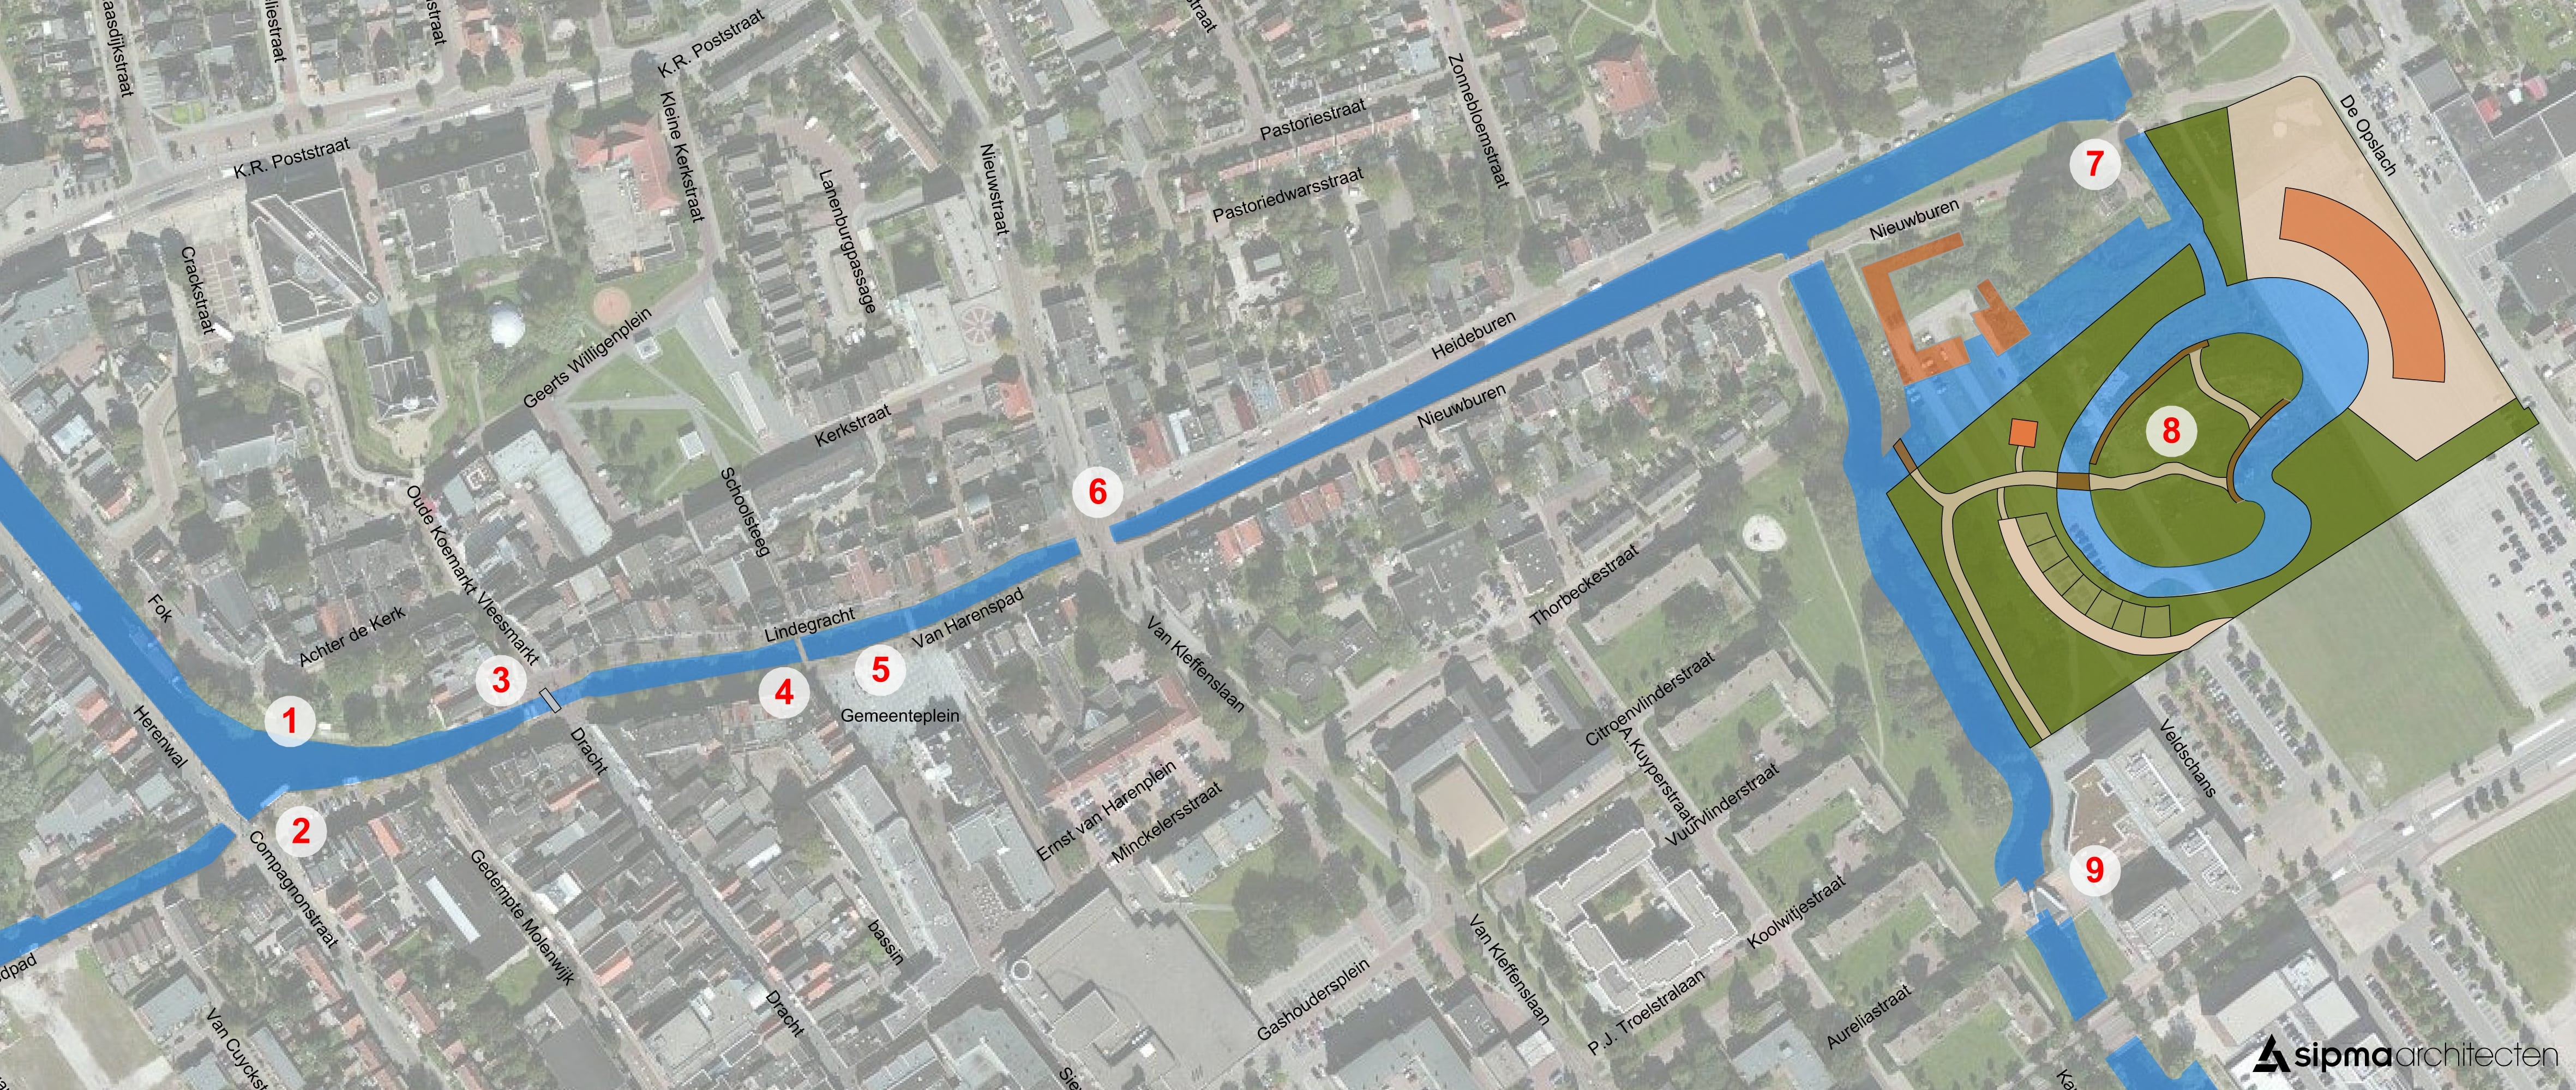 Plattegronden En Vaarroutes Heerenveen N Gouden Plak